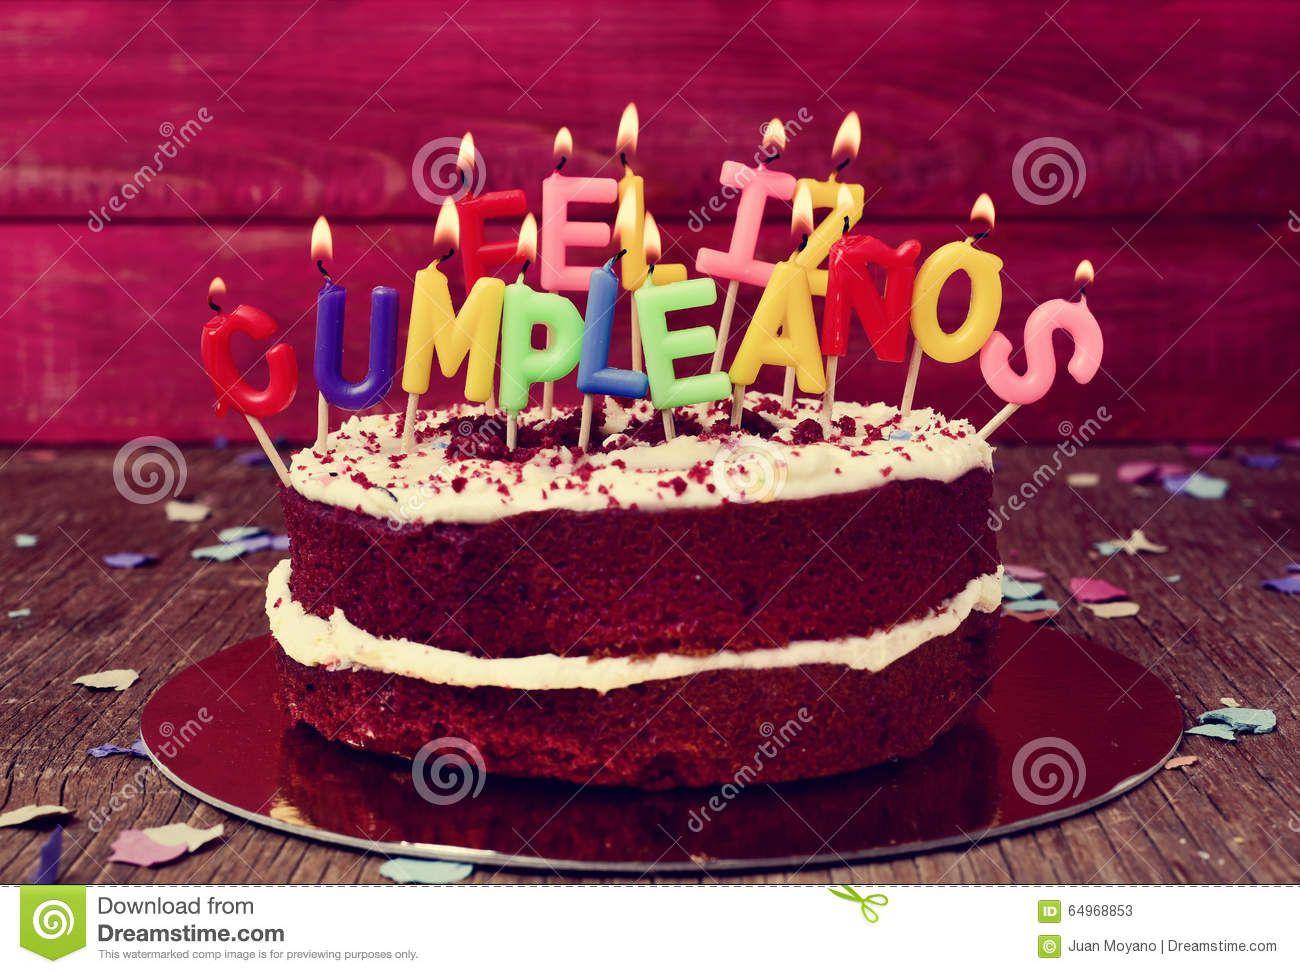 Cumpleanos De Feliz, Feliz Aniversario No Espanhol Foto De